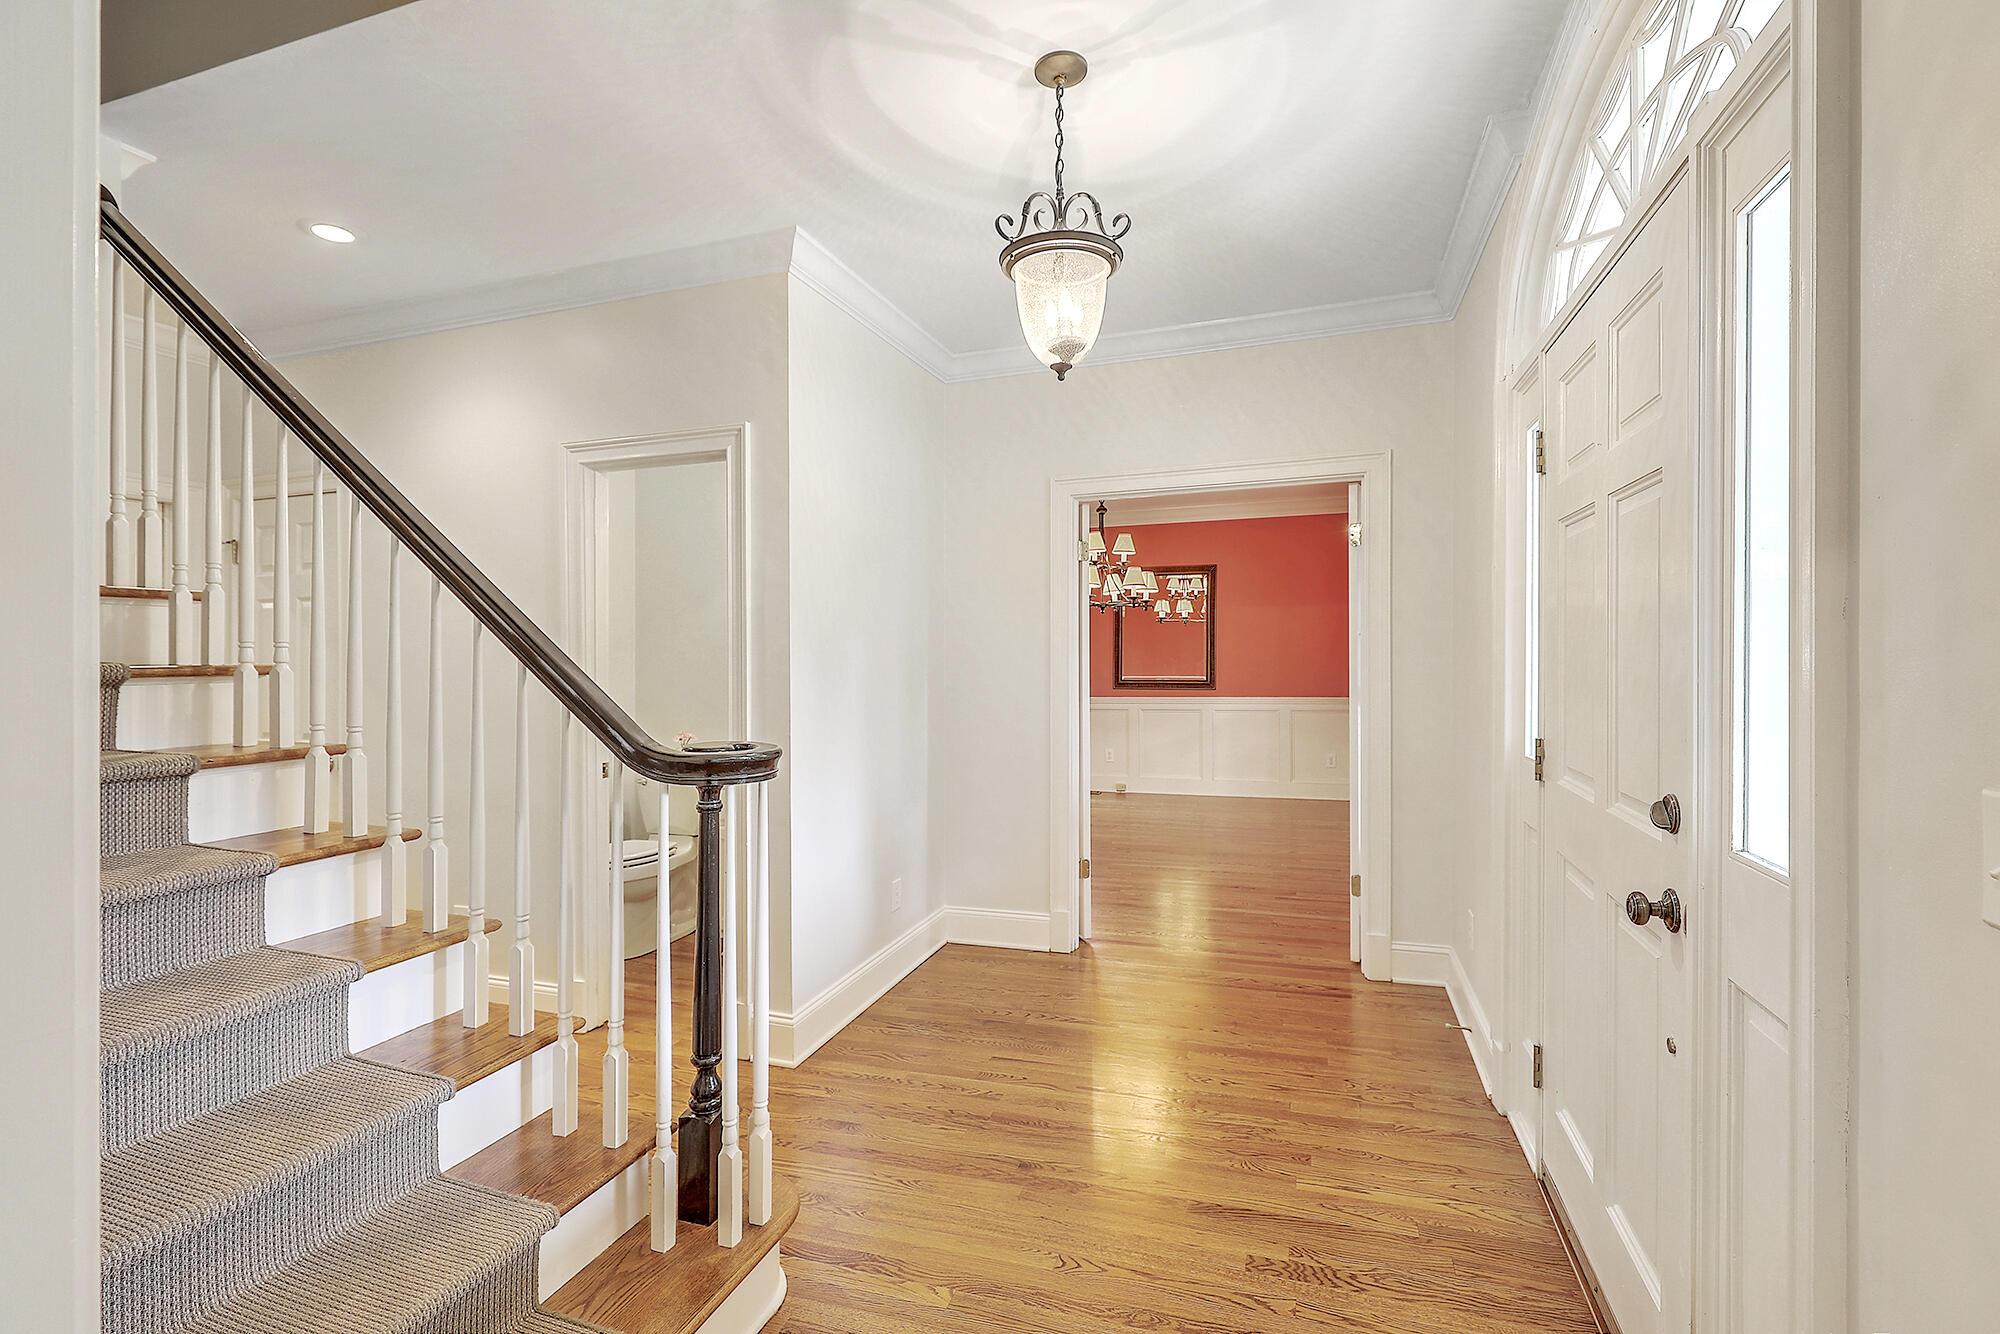 Stiles Point Plantation Homes For Sale - 816 Whispering Marsh, Charleston, SC - 29